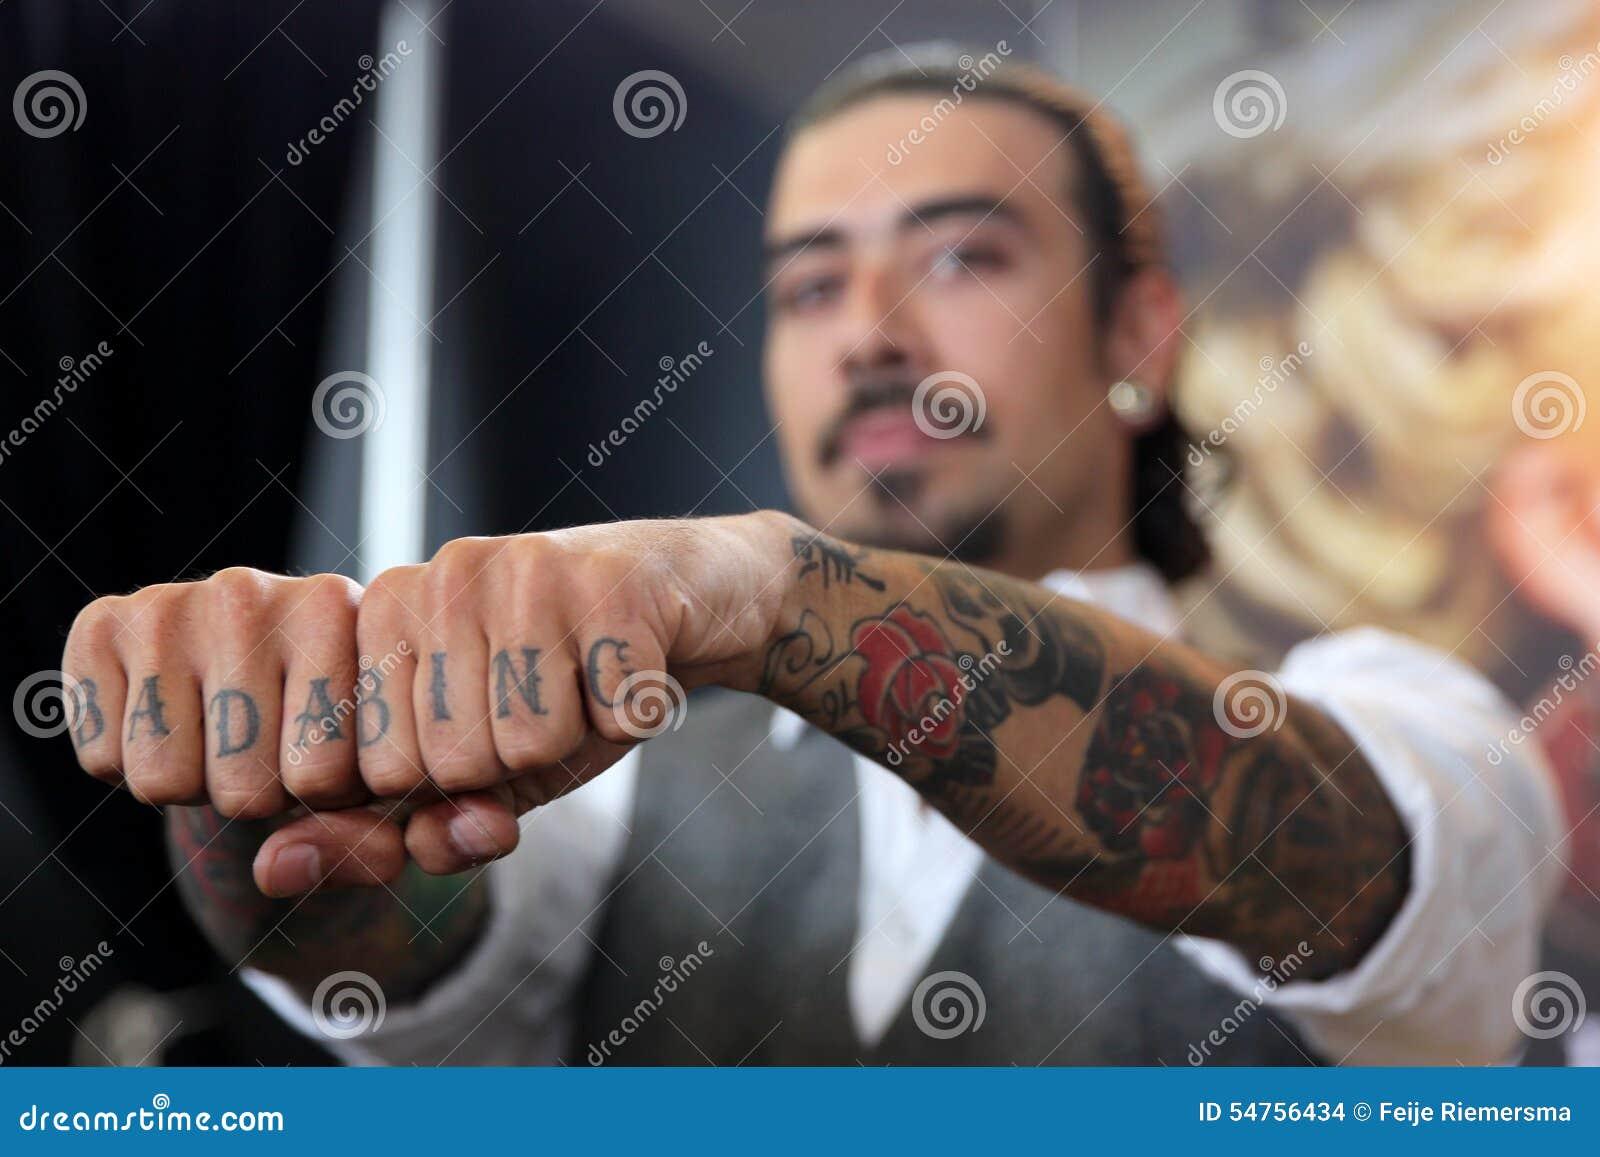 homme avec le tatouage sur des doigts image stock. Black Bedroom Furniture Sets. Home Design Ideas